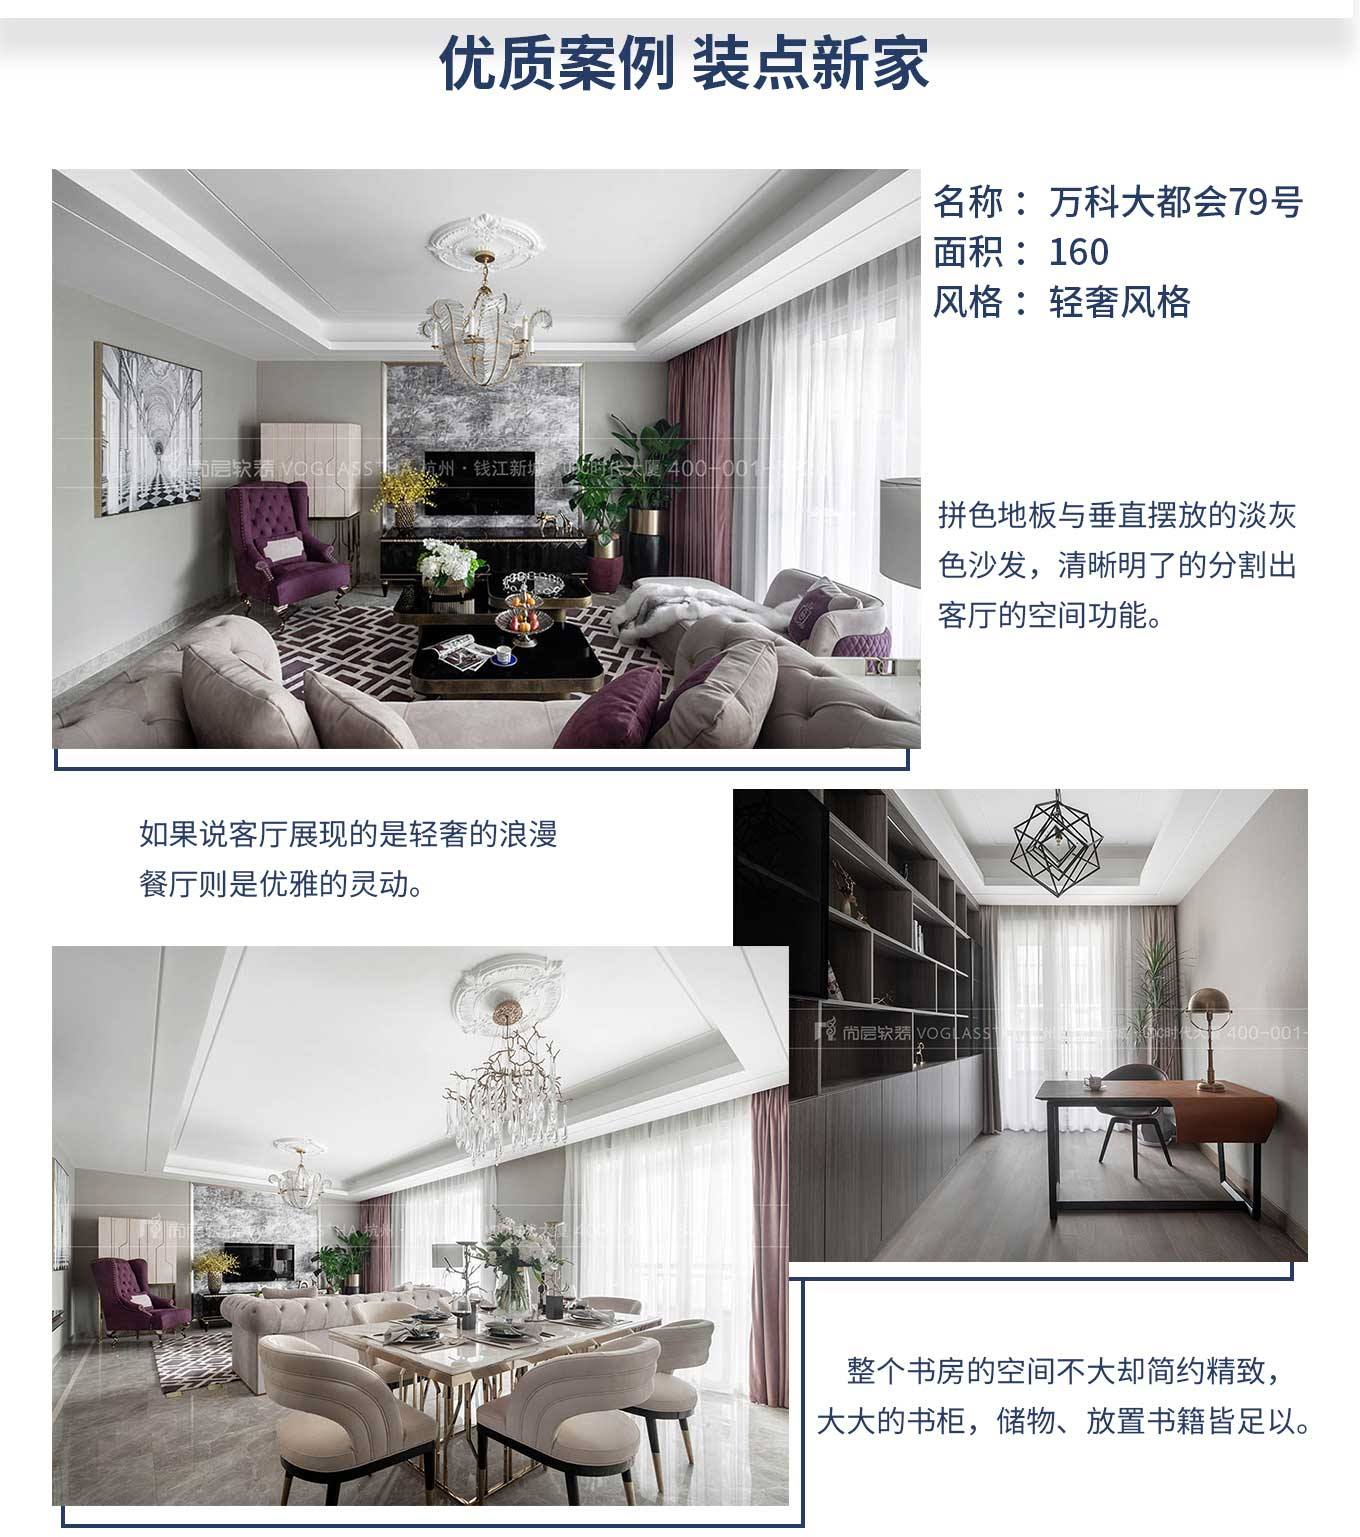 杭州尚層別墅軟裝設計